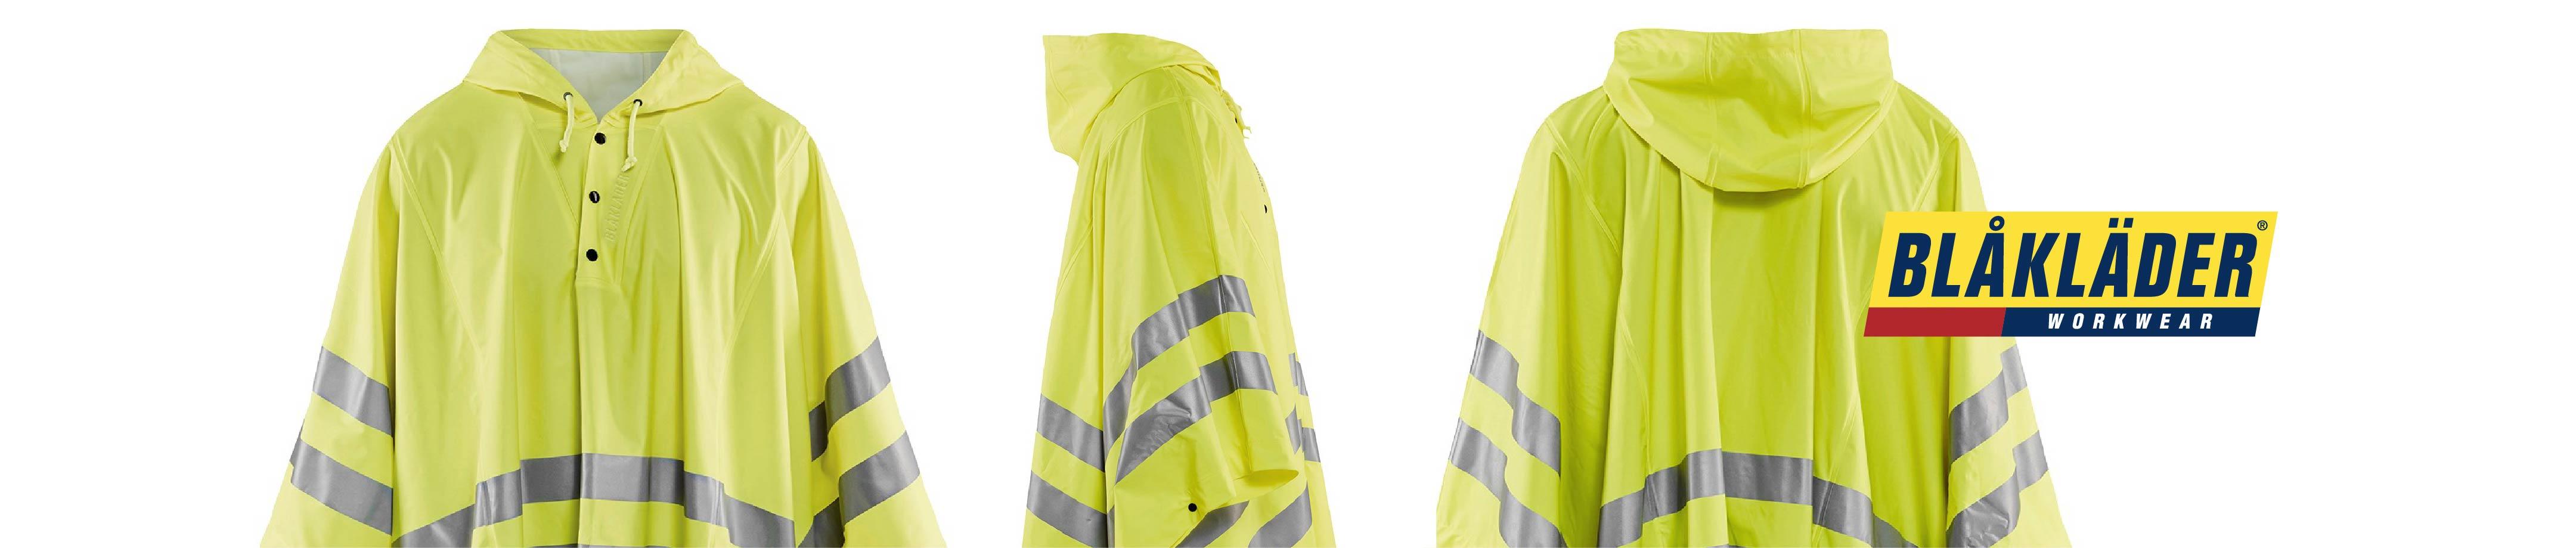 High vis rainwear